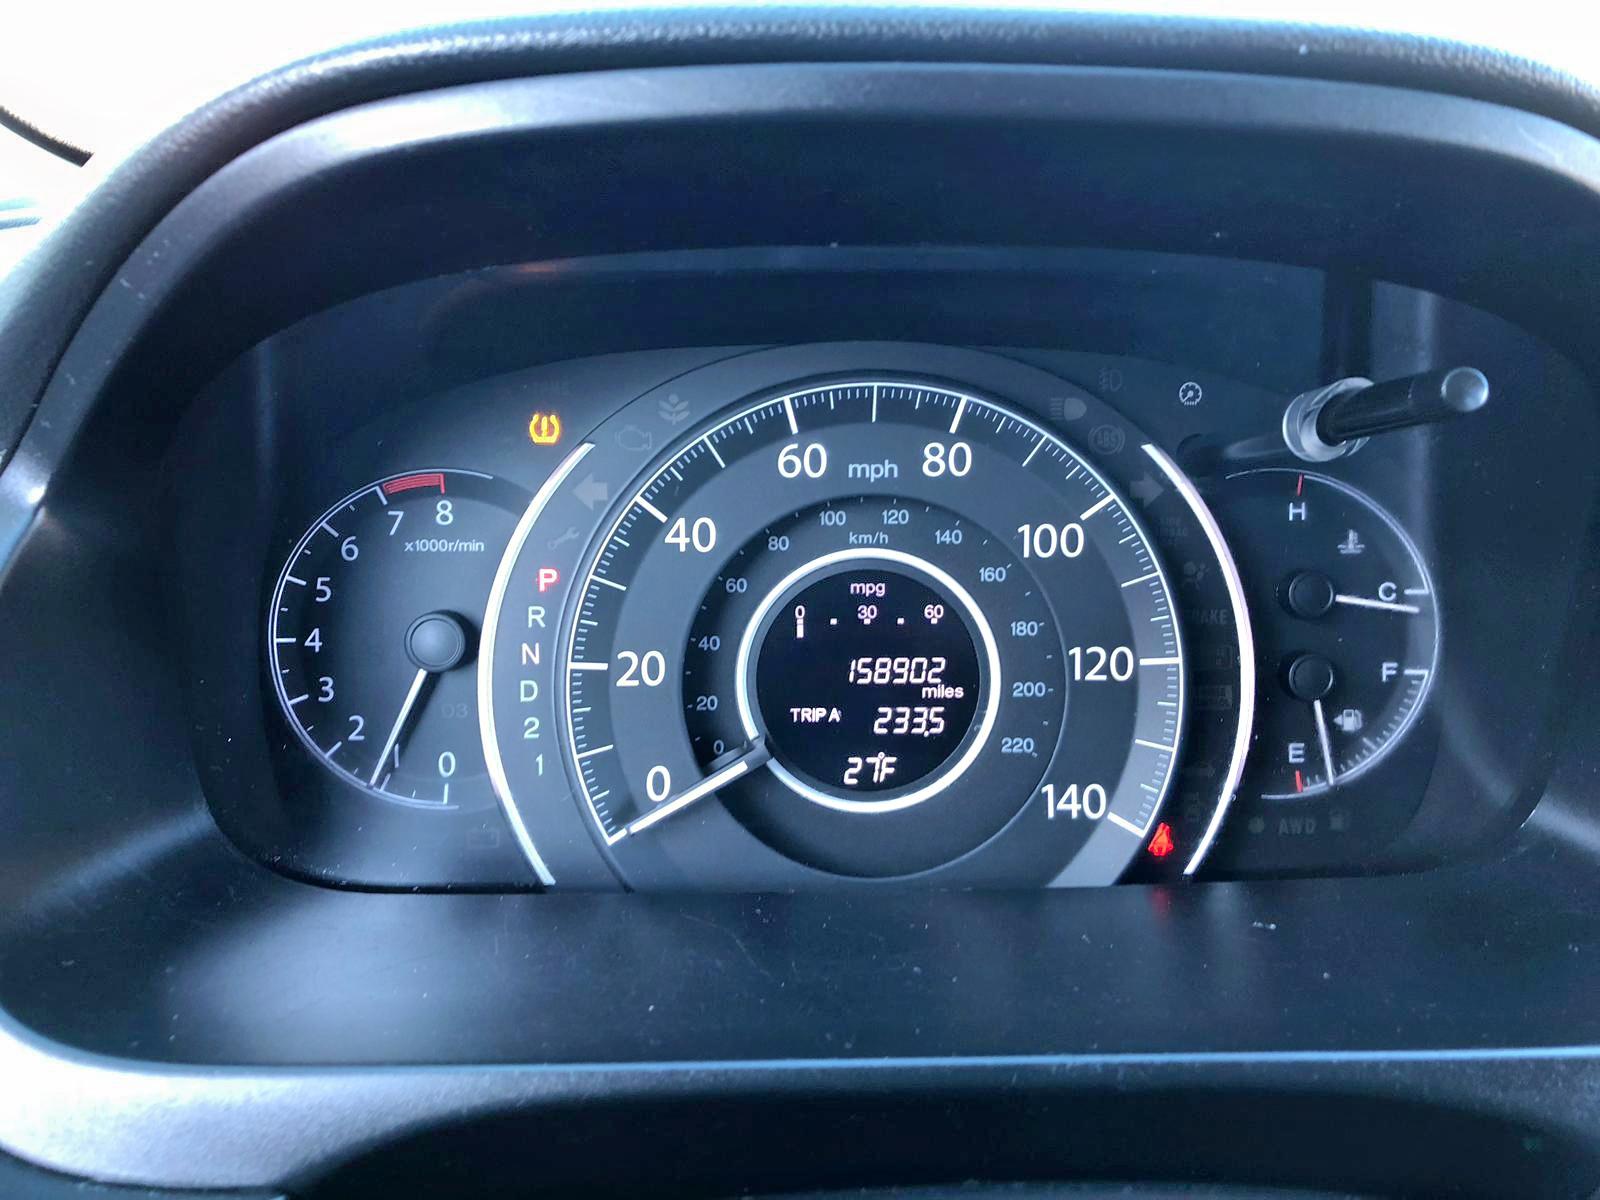 2HKRM4H73CH626699 - 2012 Honda Cr-V Exl 2.4L inside view